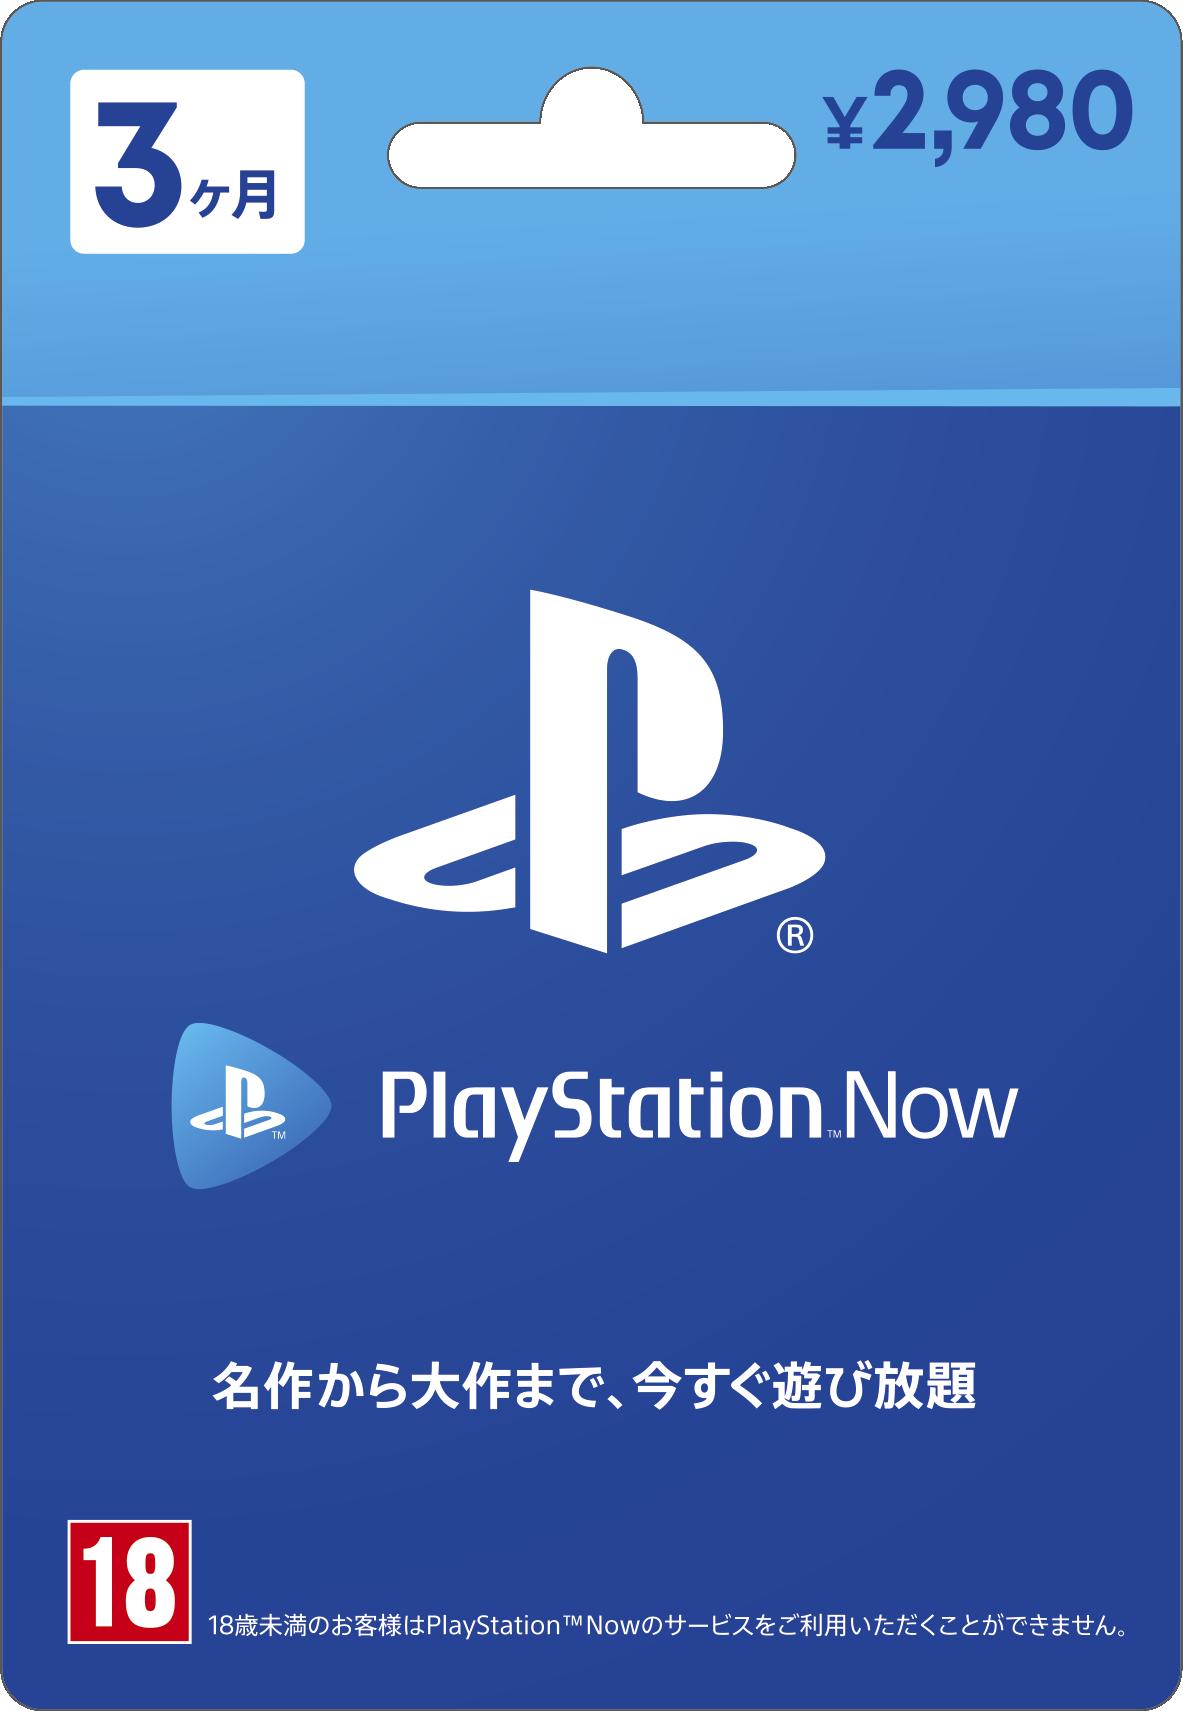 PS Now 3ヶ月利用権